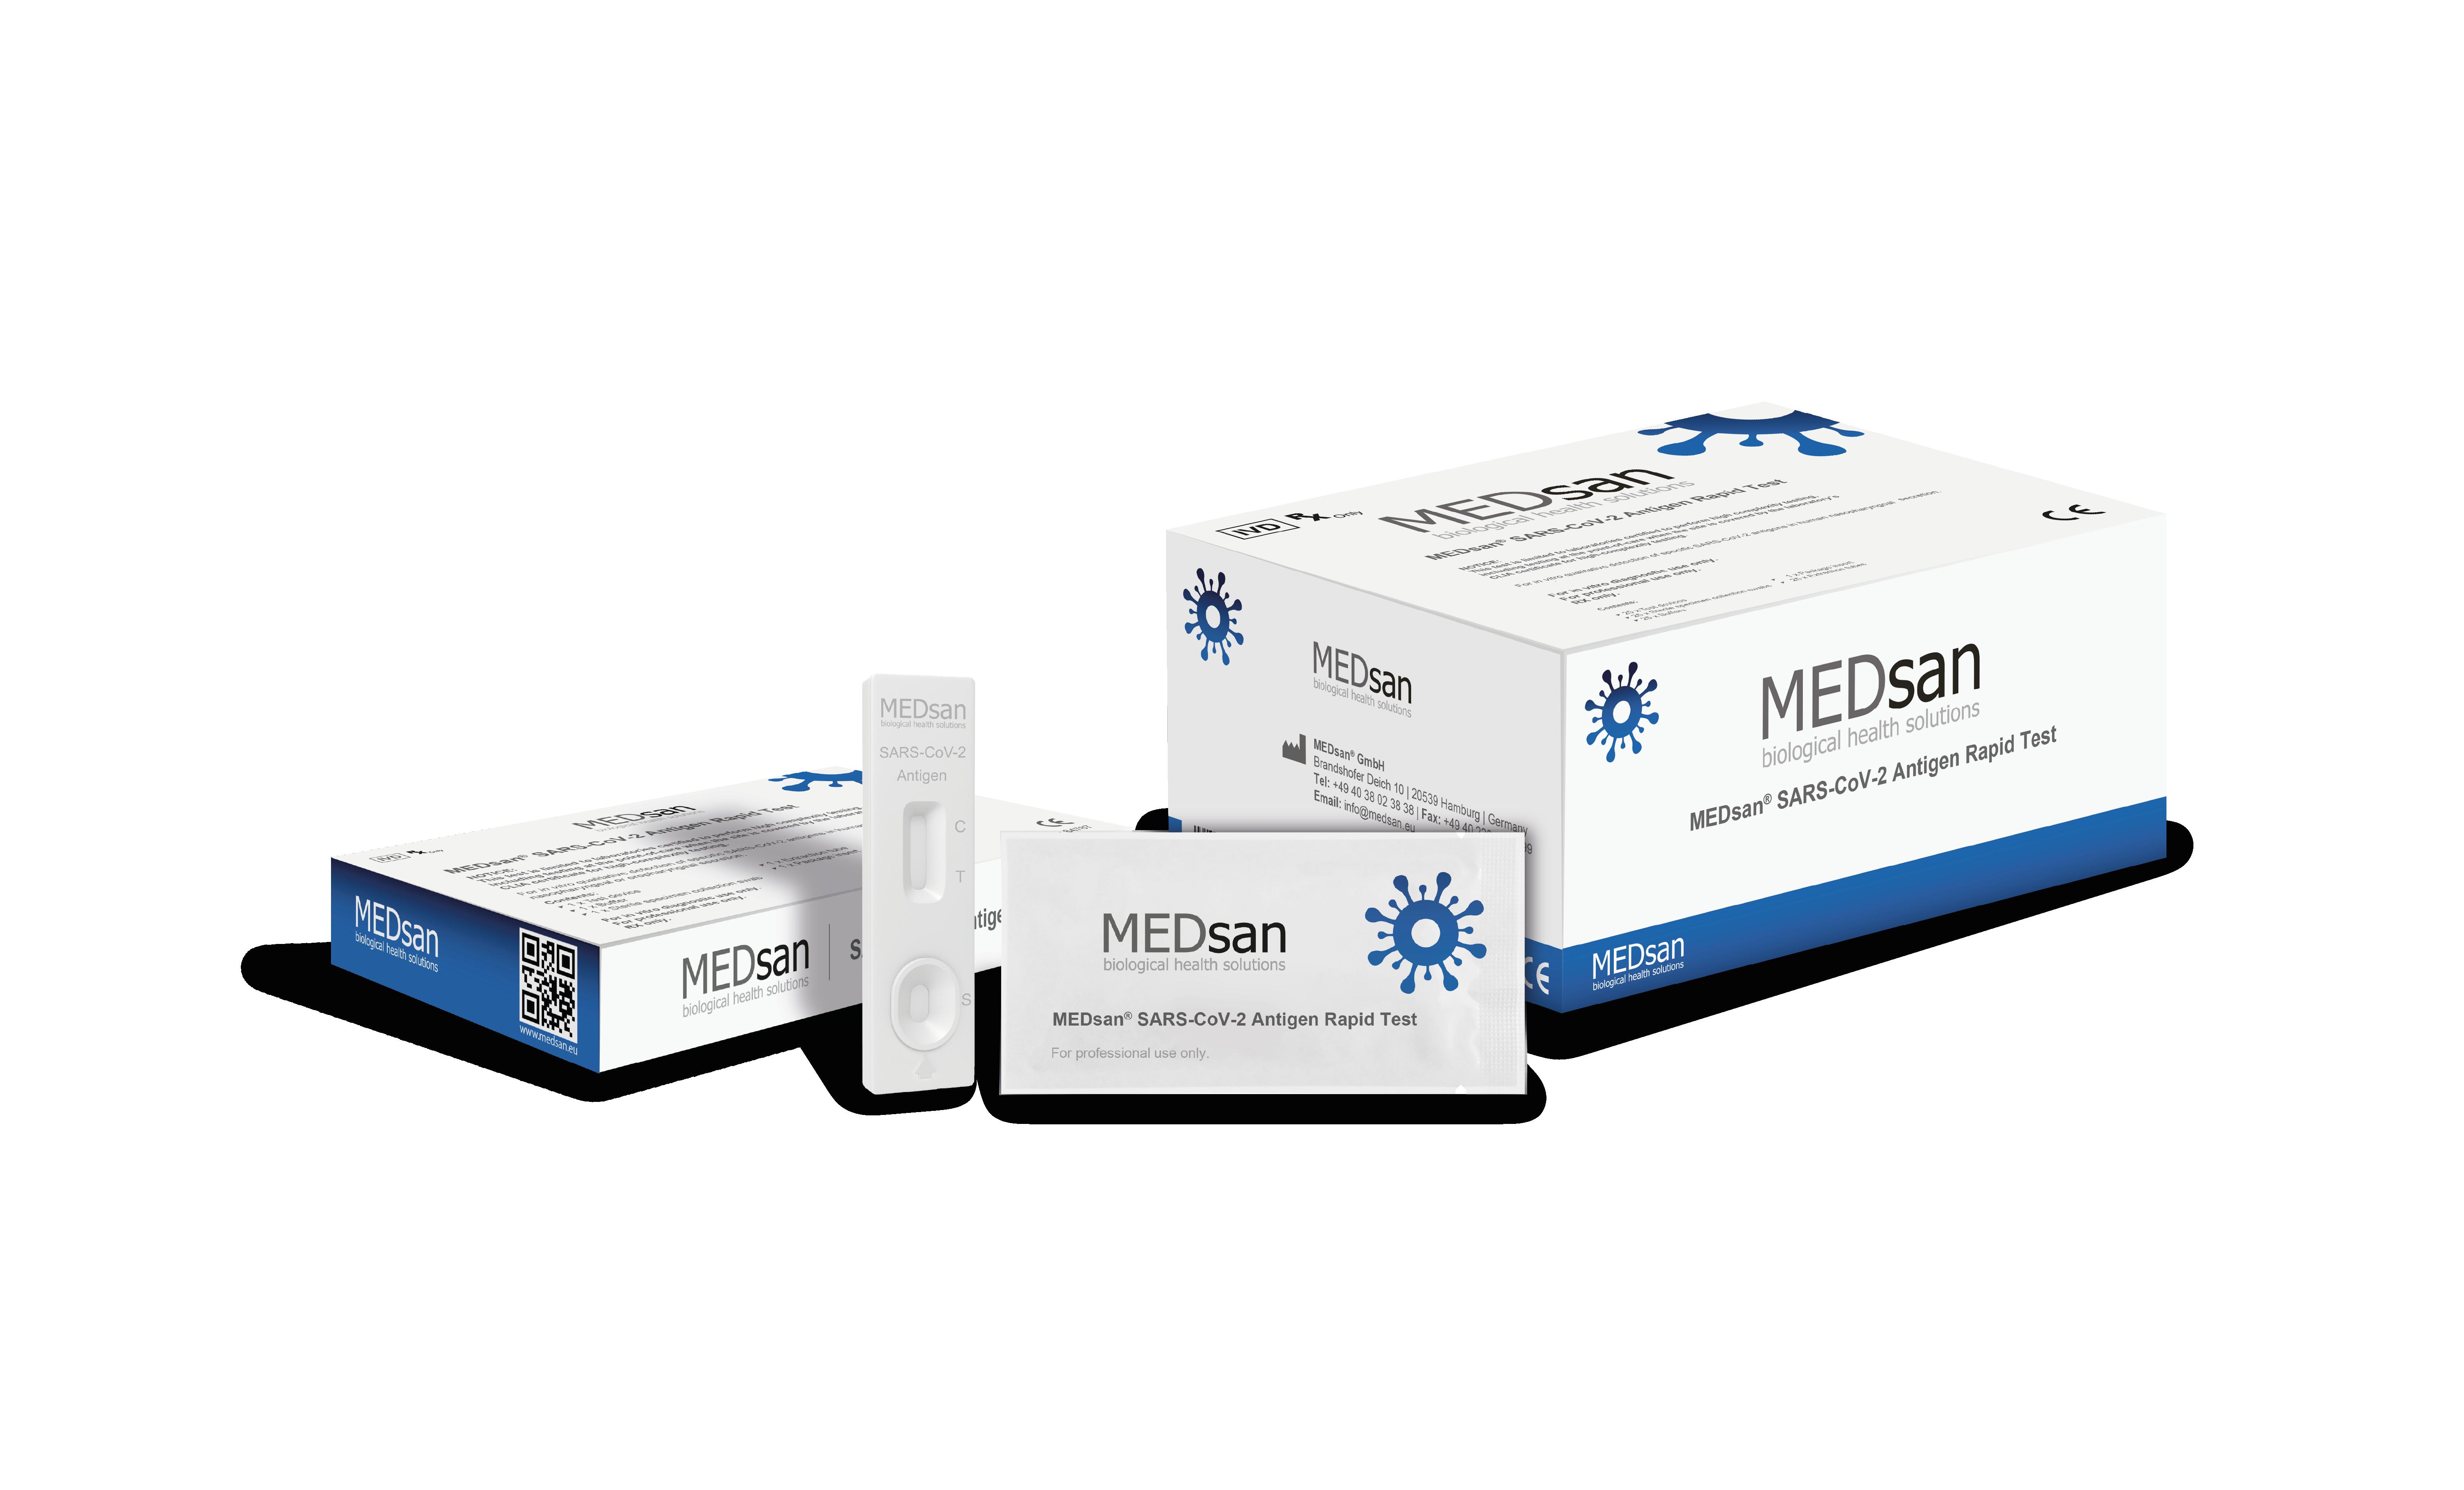 MEDsan SARS-CoV-2 Antigen Rapid Test_FDA_Notification-01